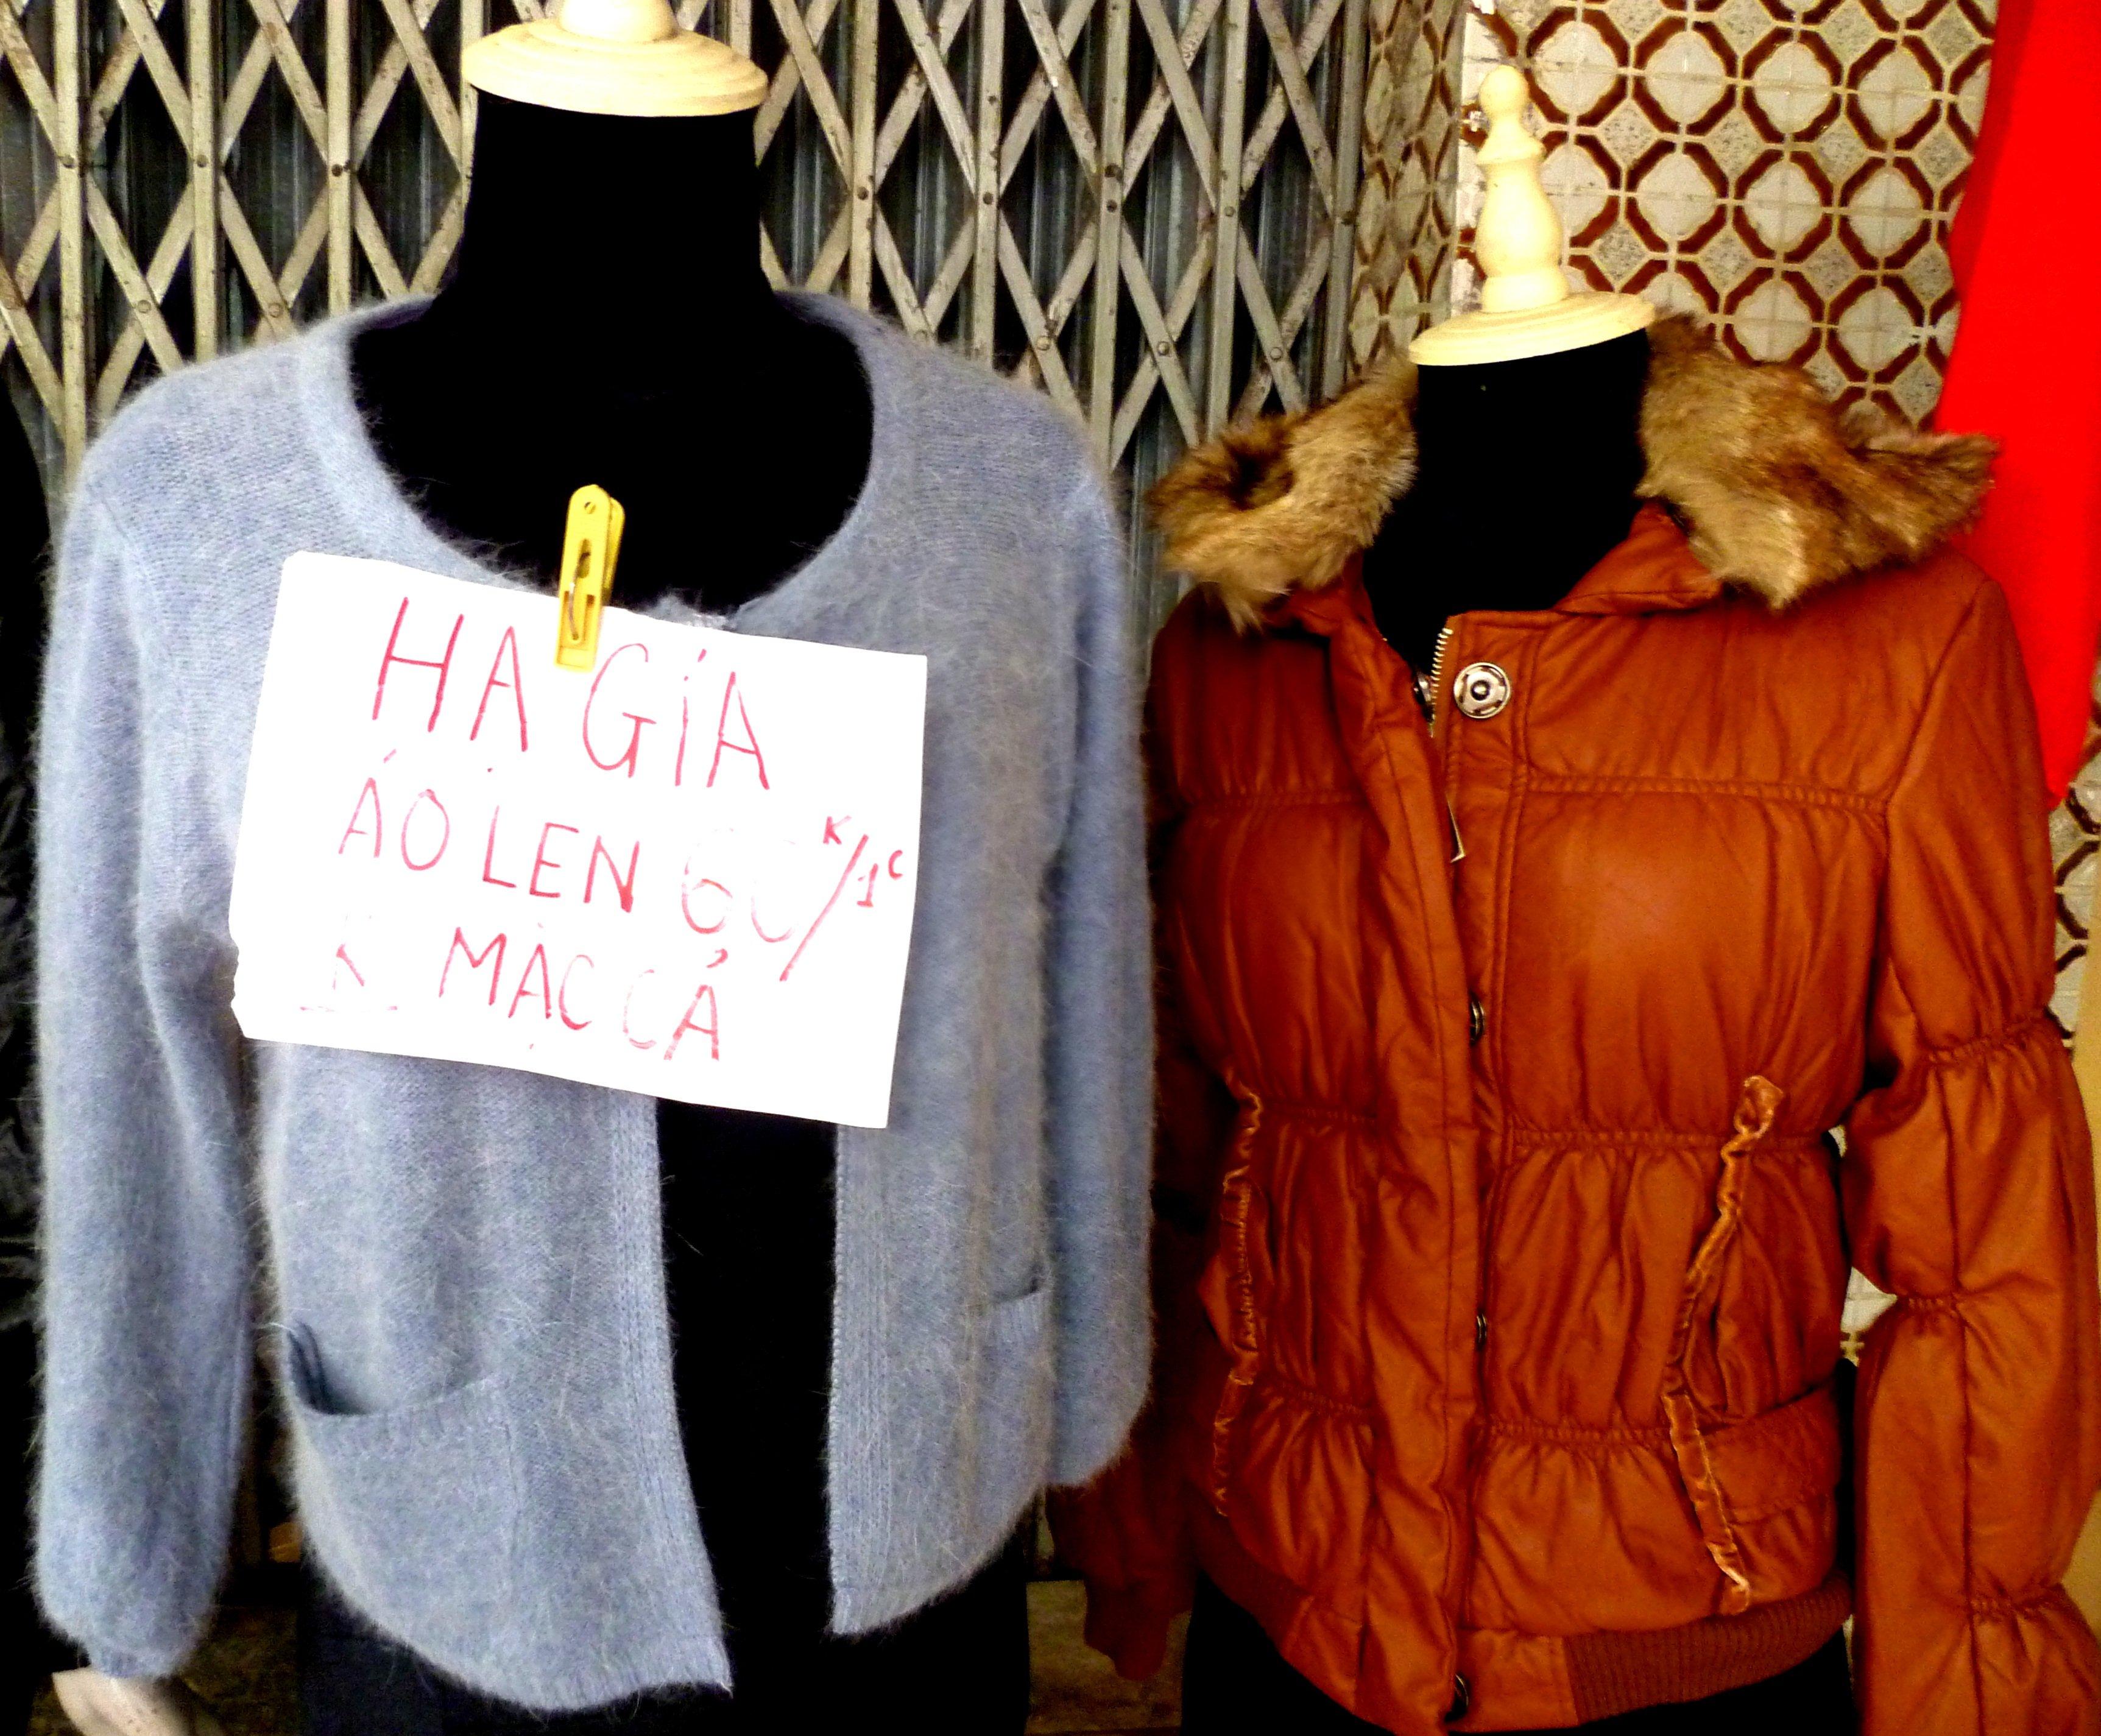 Hình ảnh Cuối năm: Vào chợ đầu mối, săn quần áo giá rẻ số 14